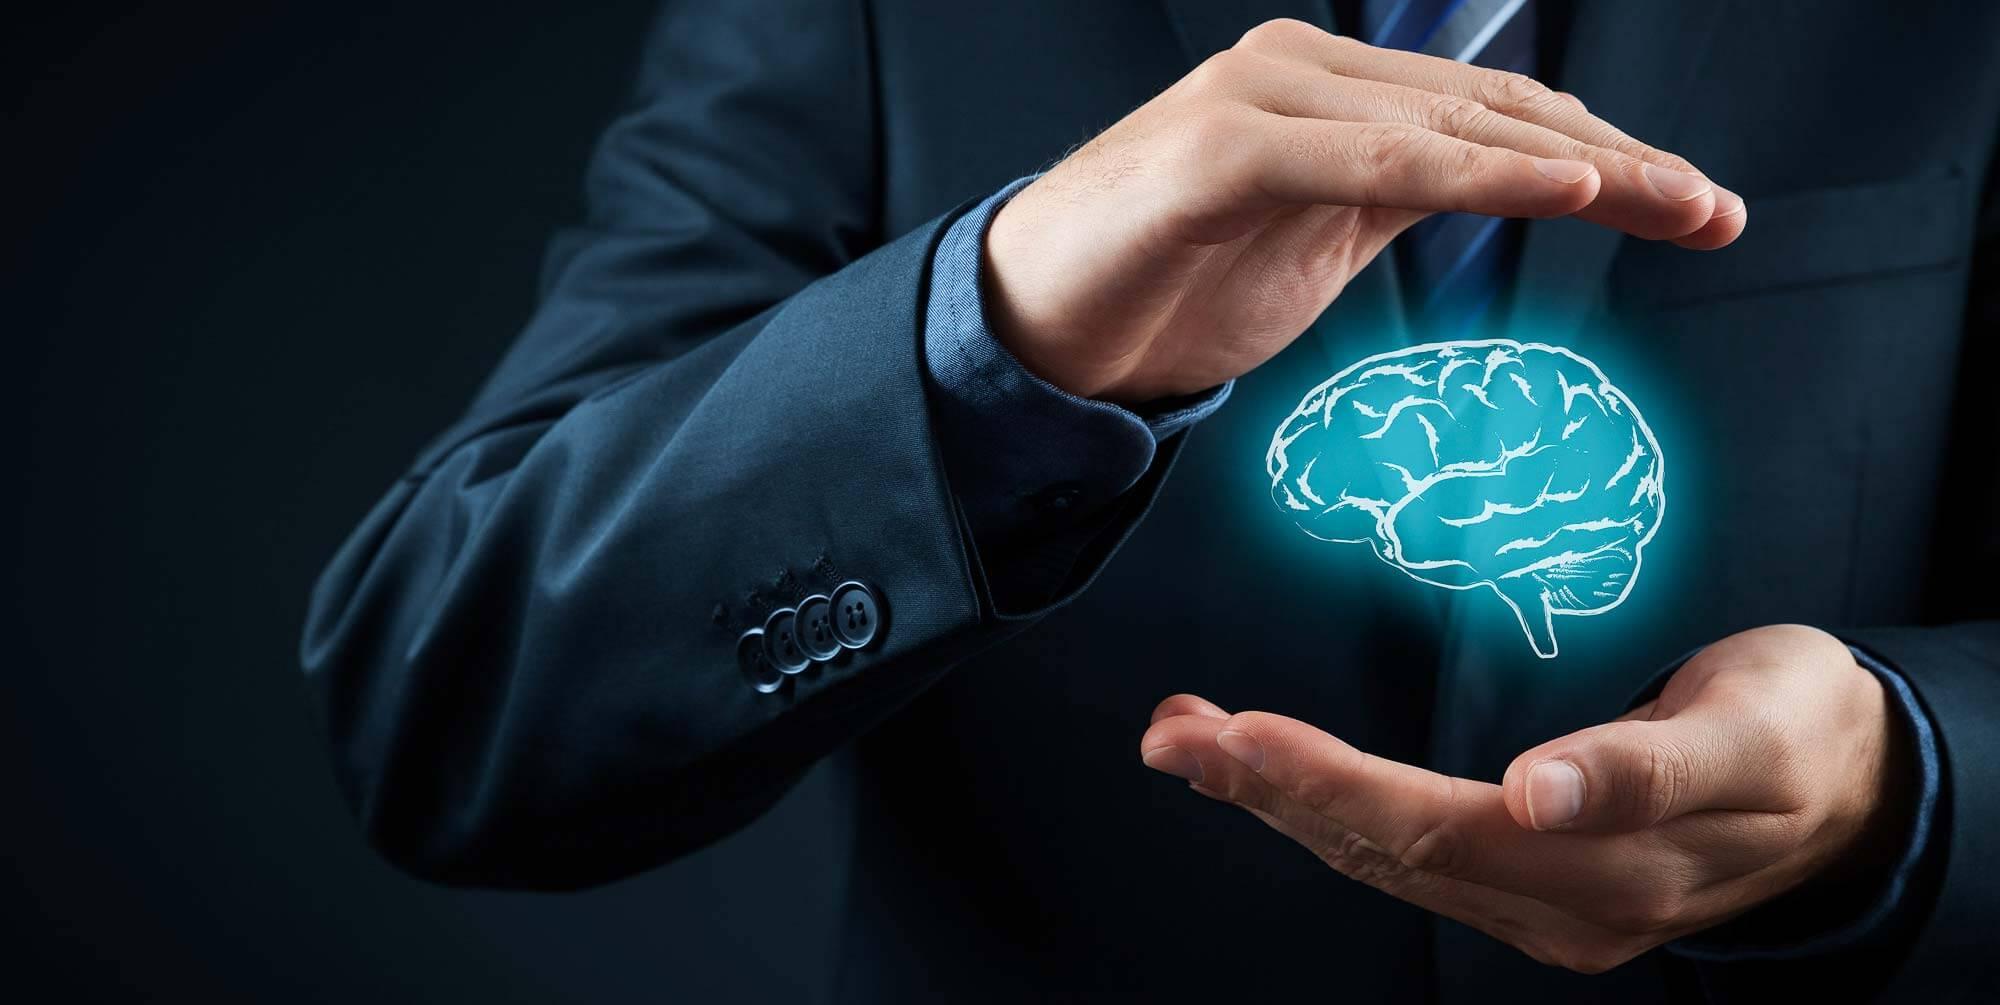 Оценим интеллектуальную собственность предприятия